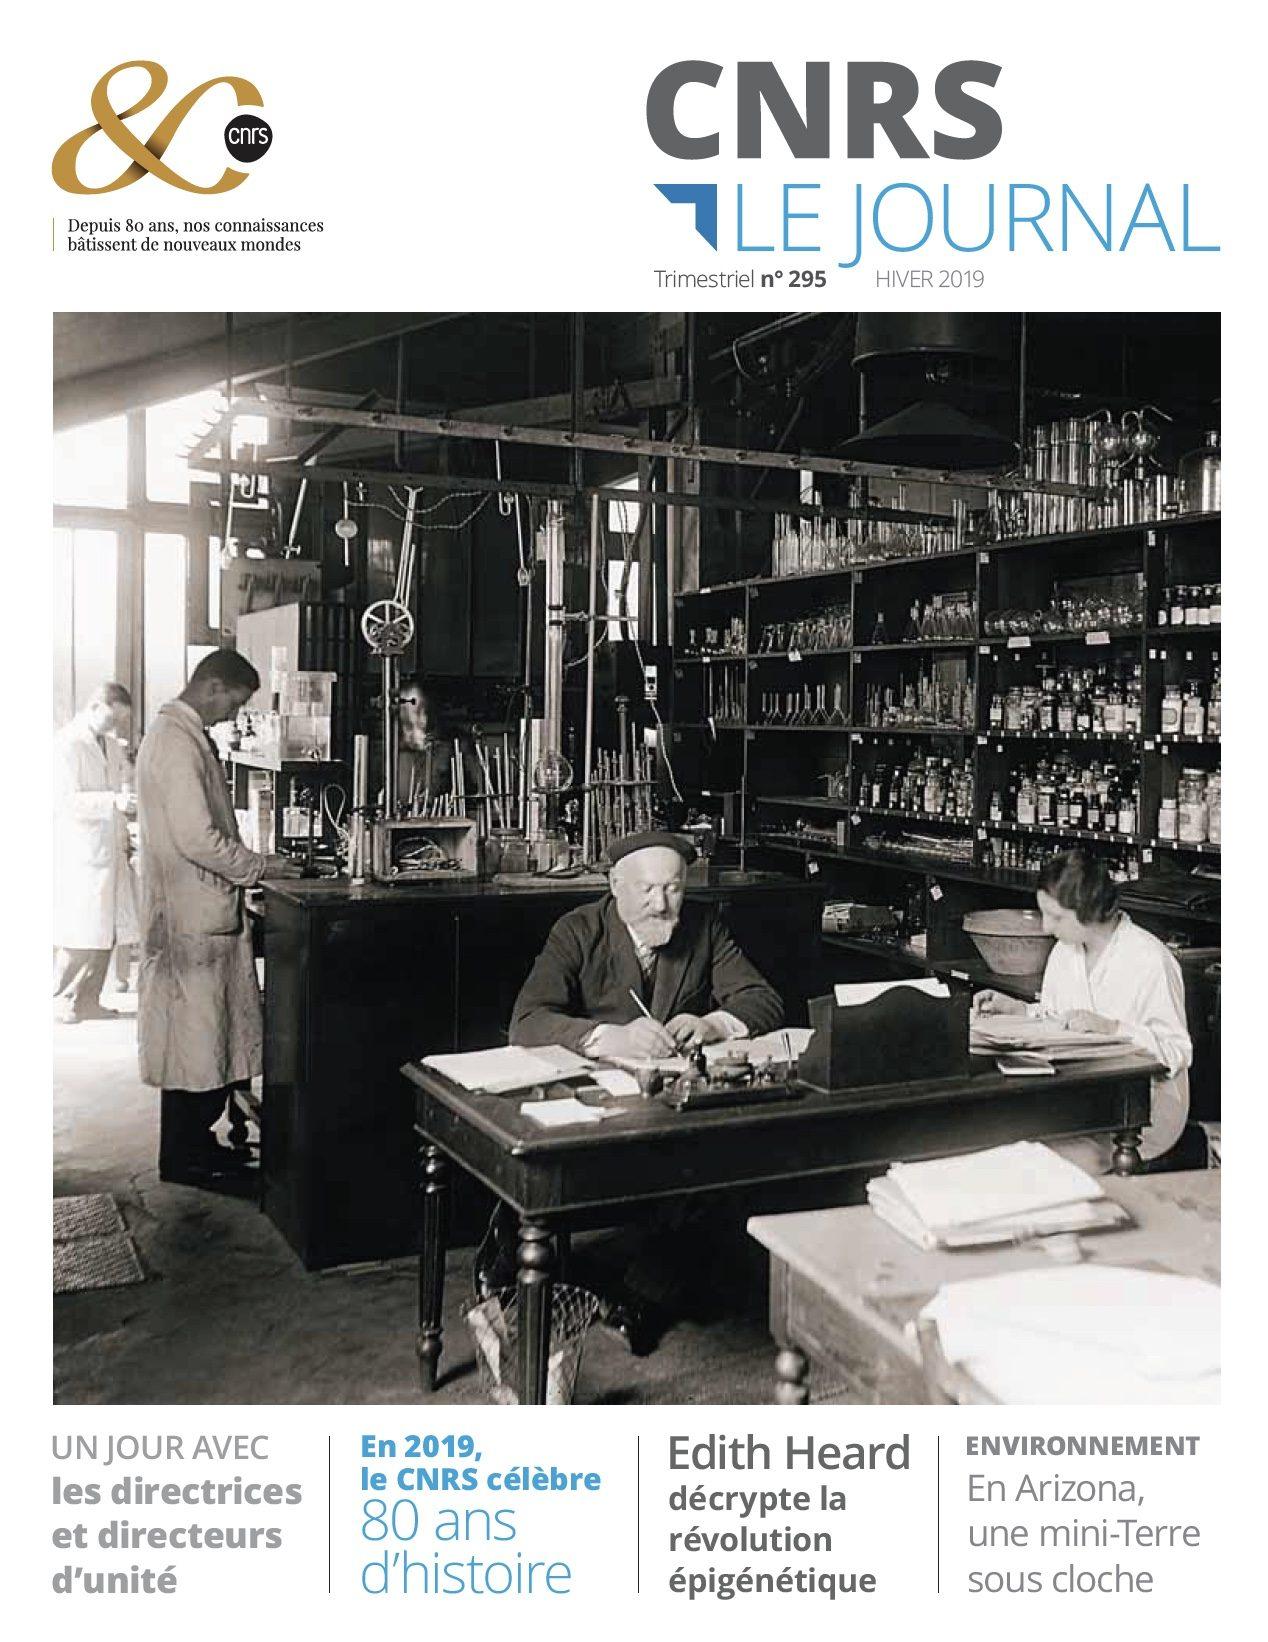 CNRS Le journal hiver 2019